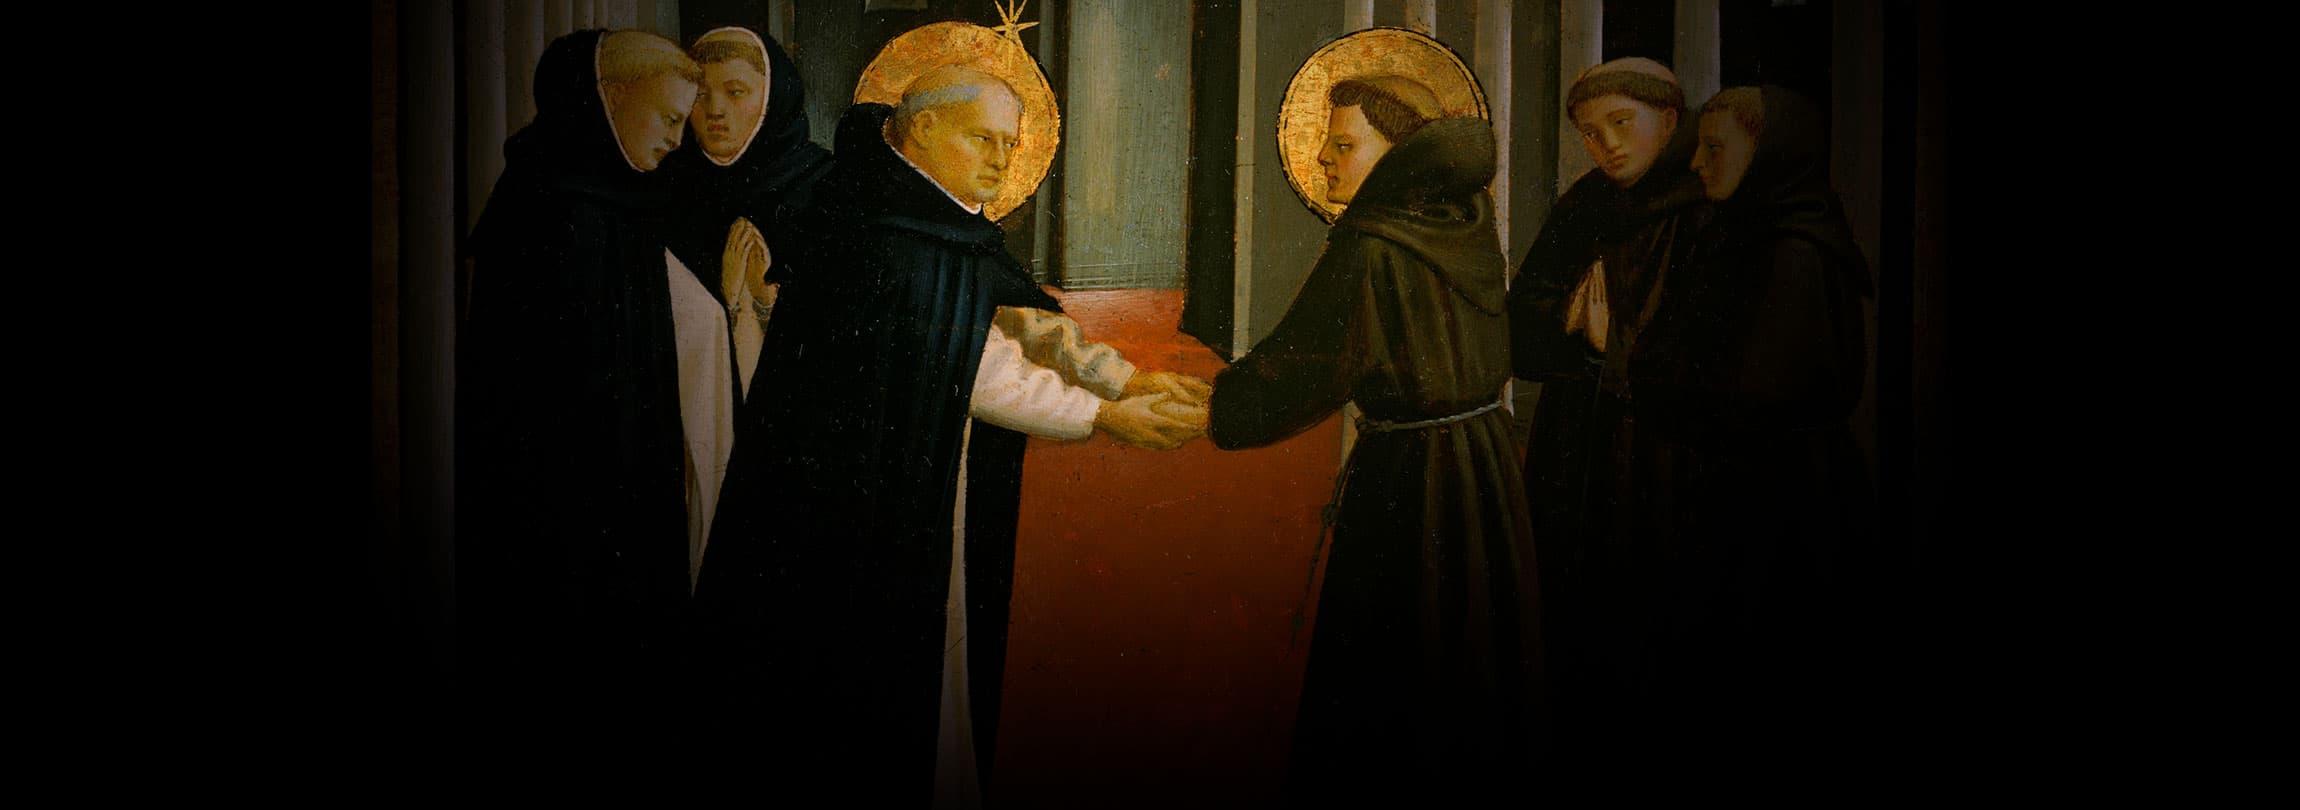 Como cultivar amizades santas?